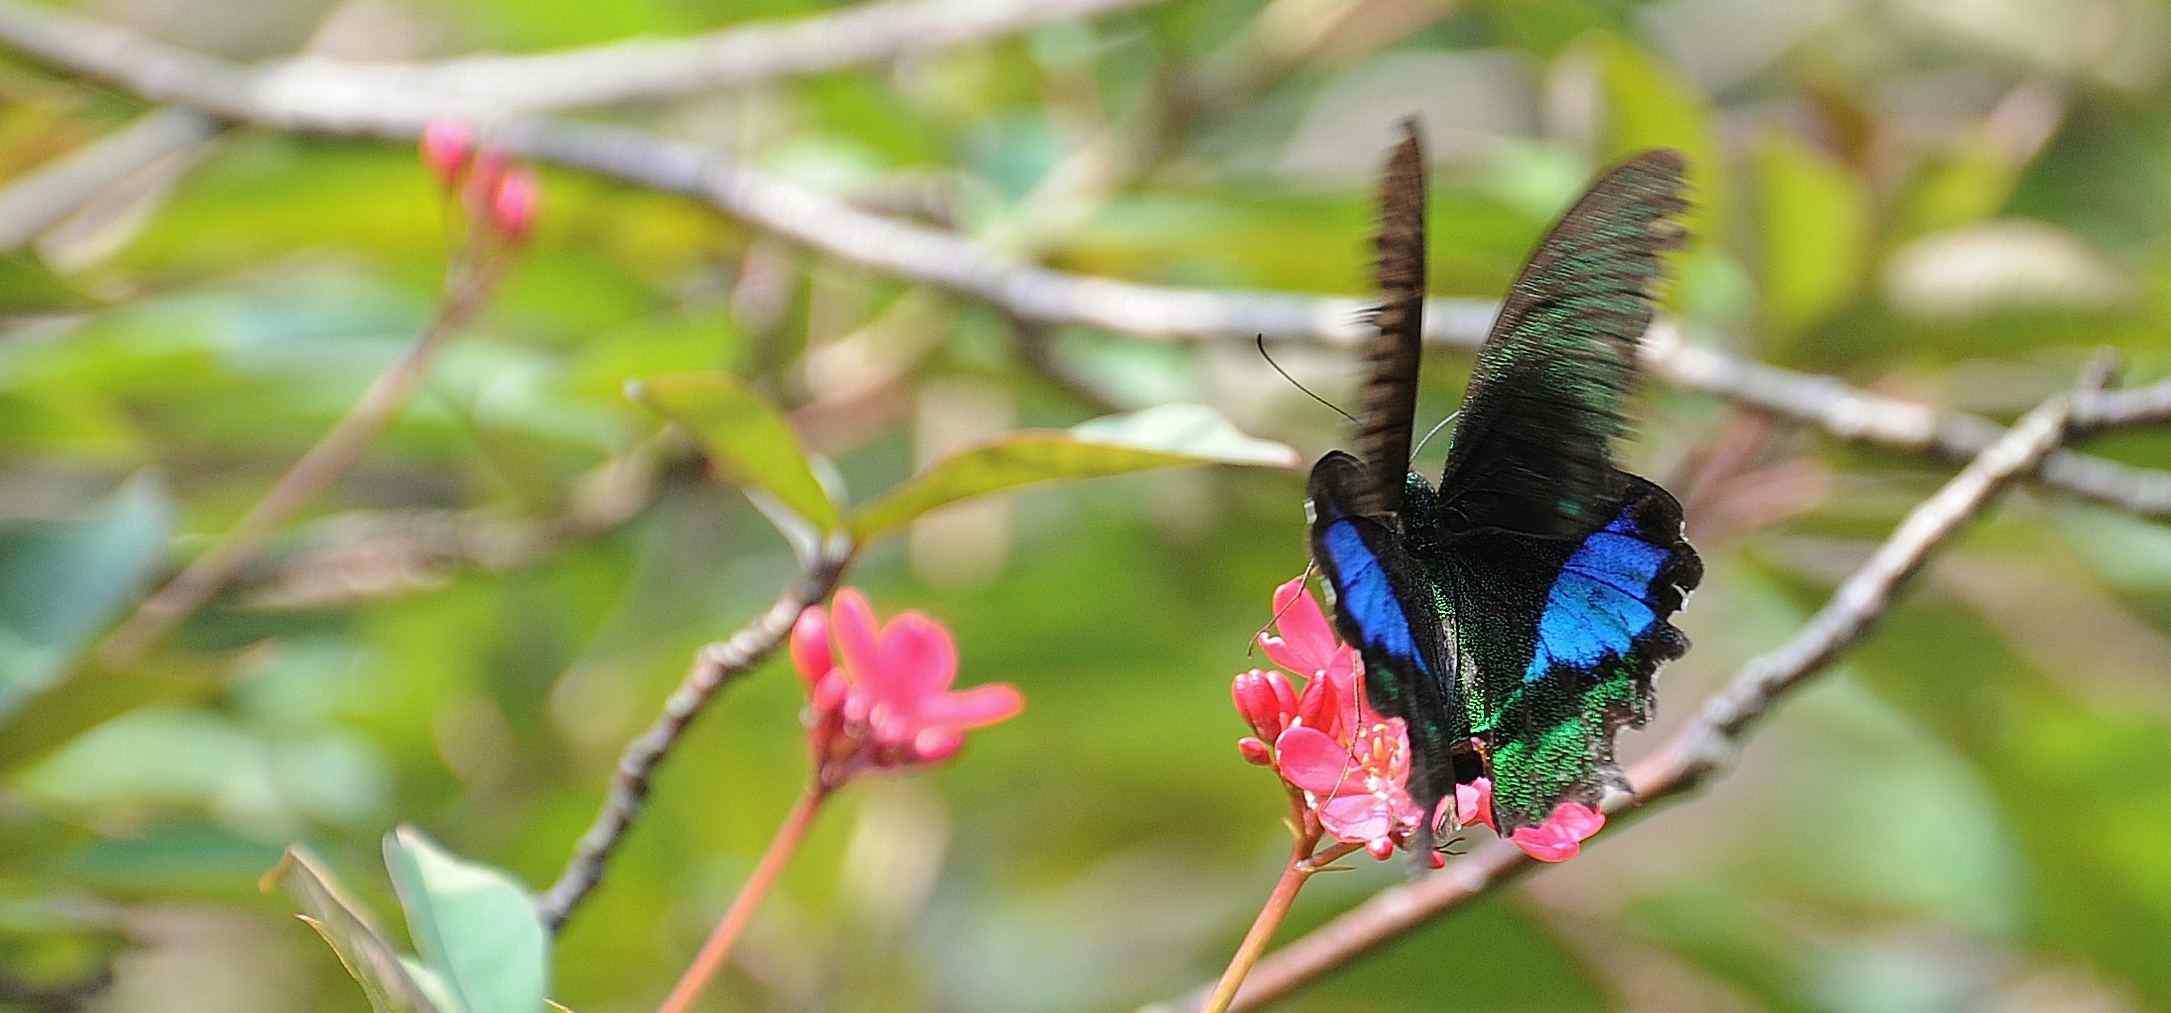 停在花上的蓝色凤蝶桌面壁纸